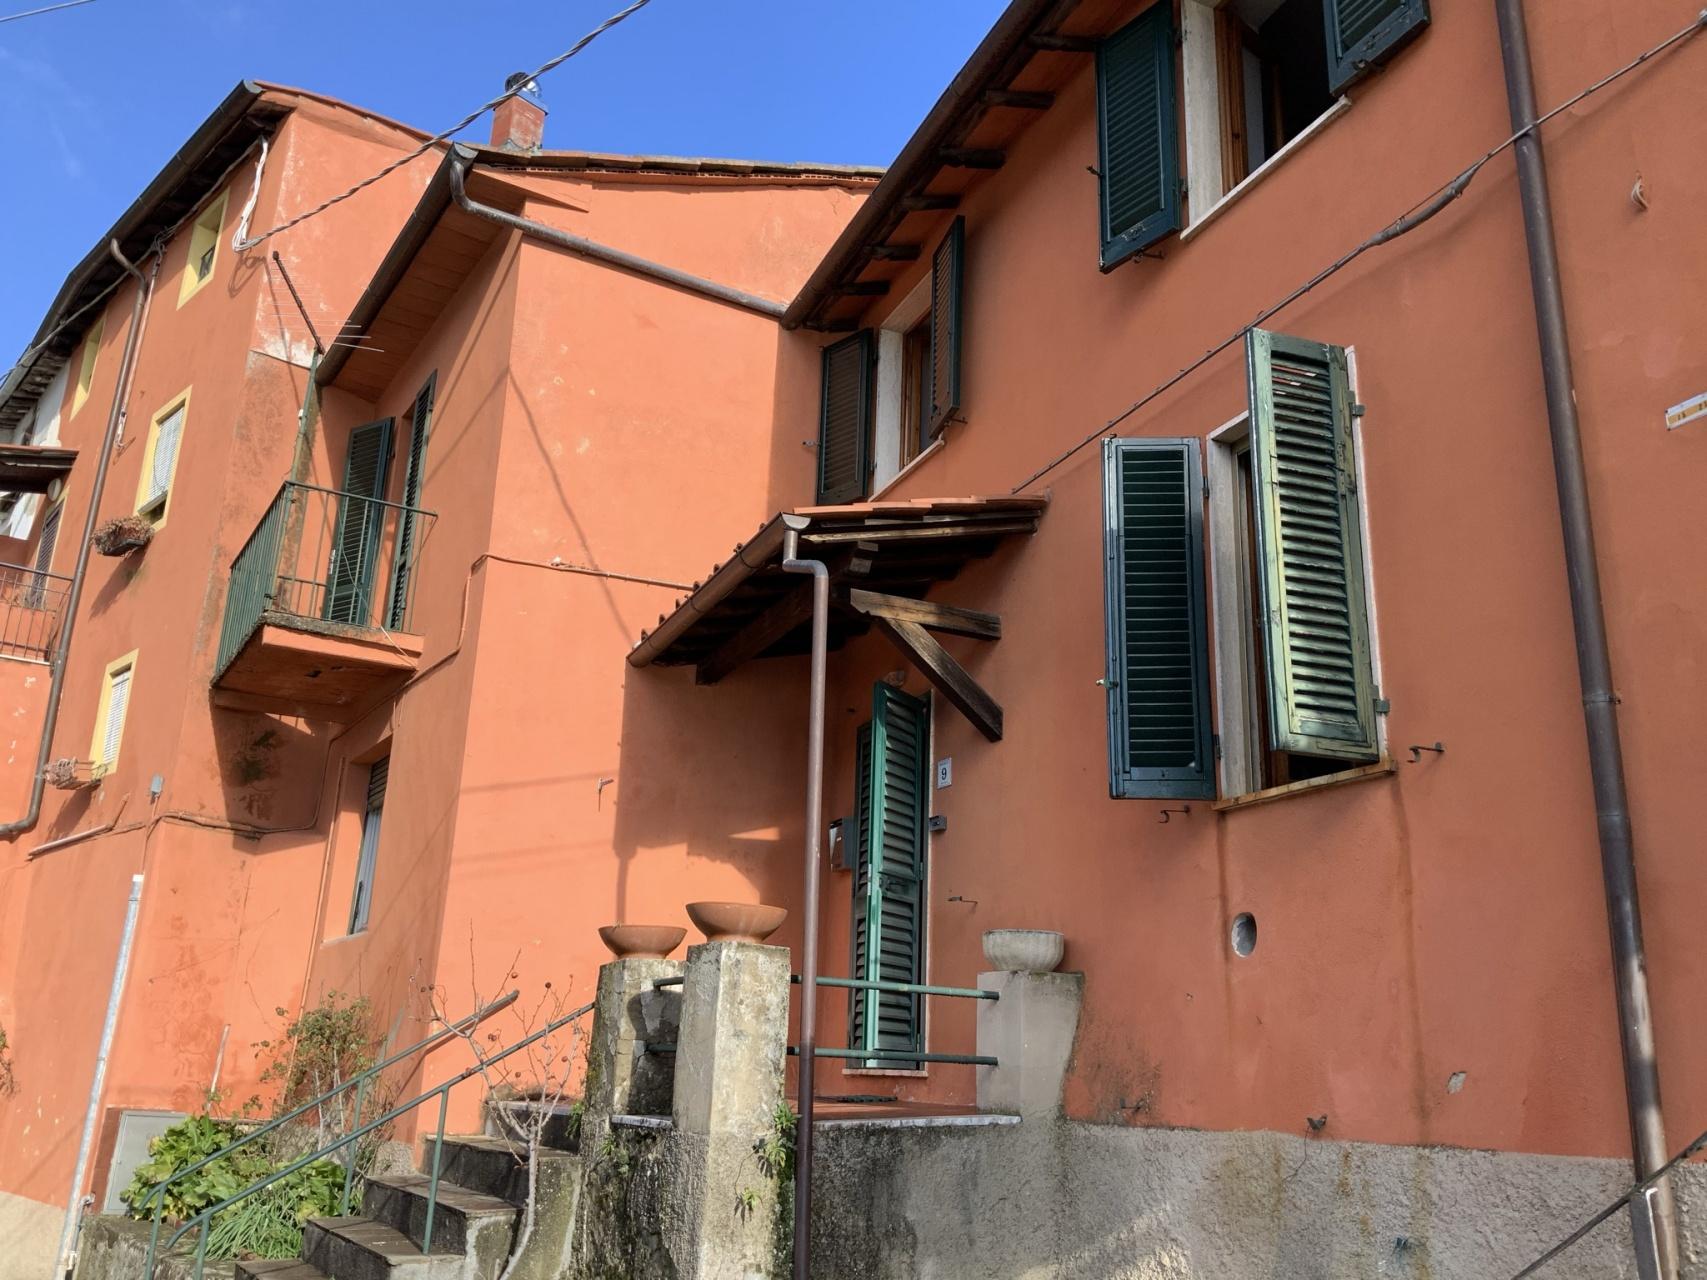 foto Casa di paese con giardino a Pescaglia, Lucca.